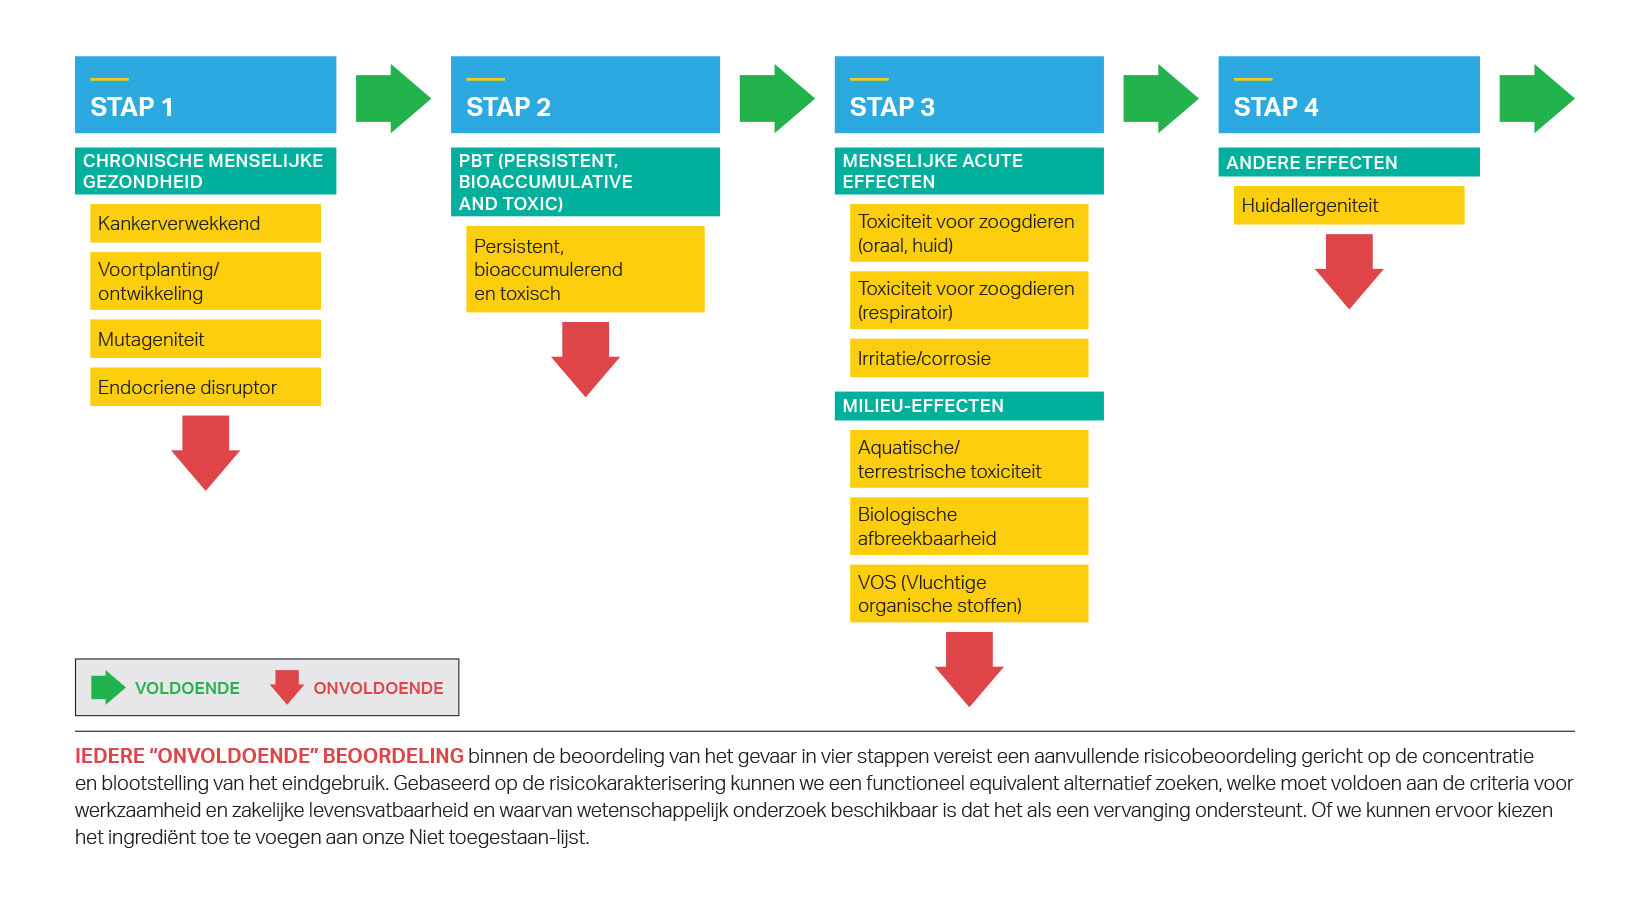 SC Johnson's vierstaps-gevarenevaluatie voor productingrediënten